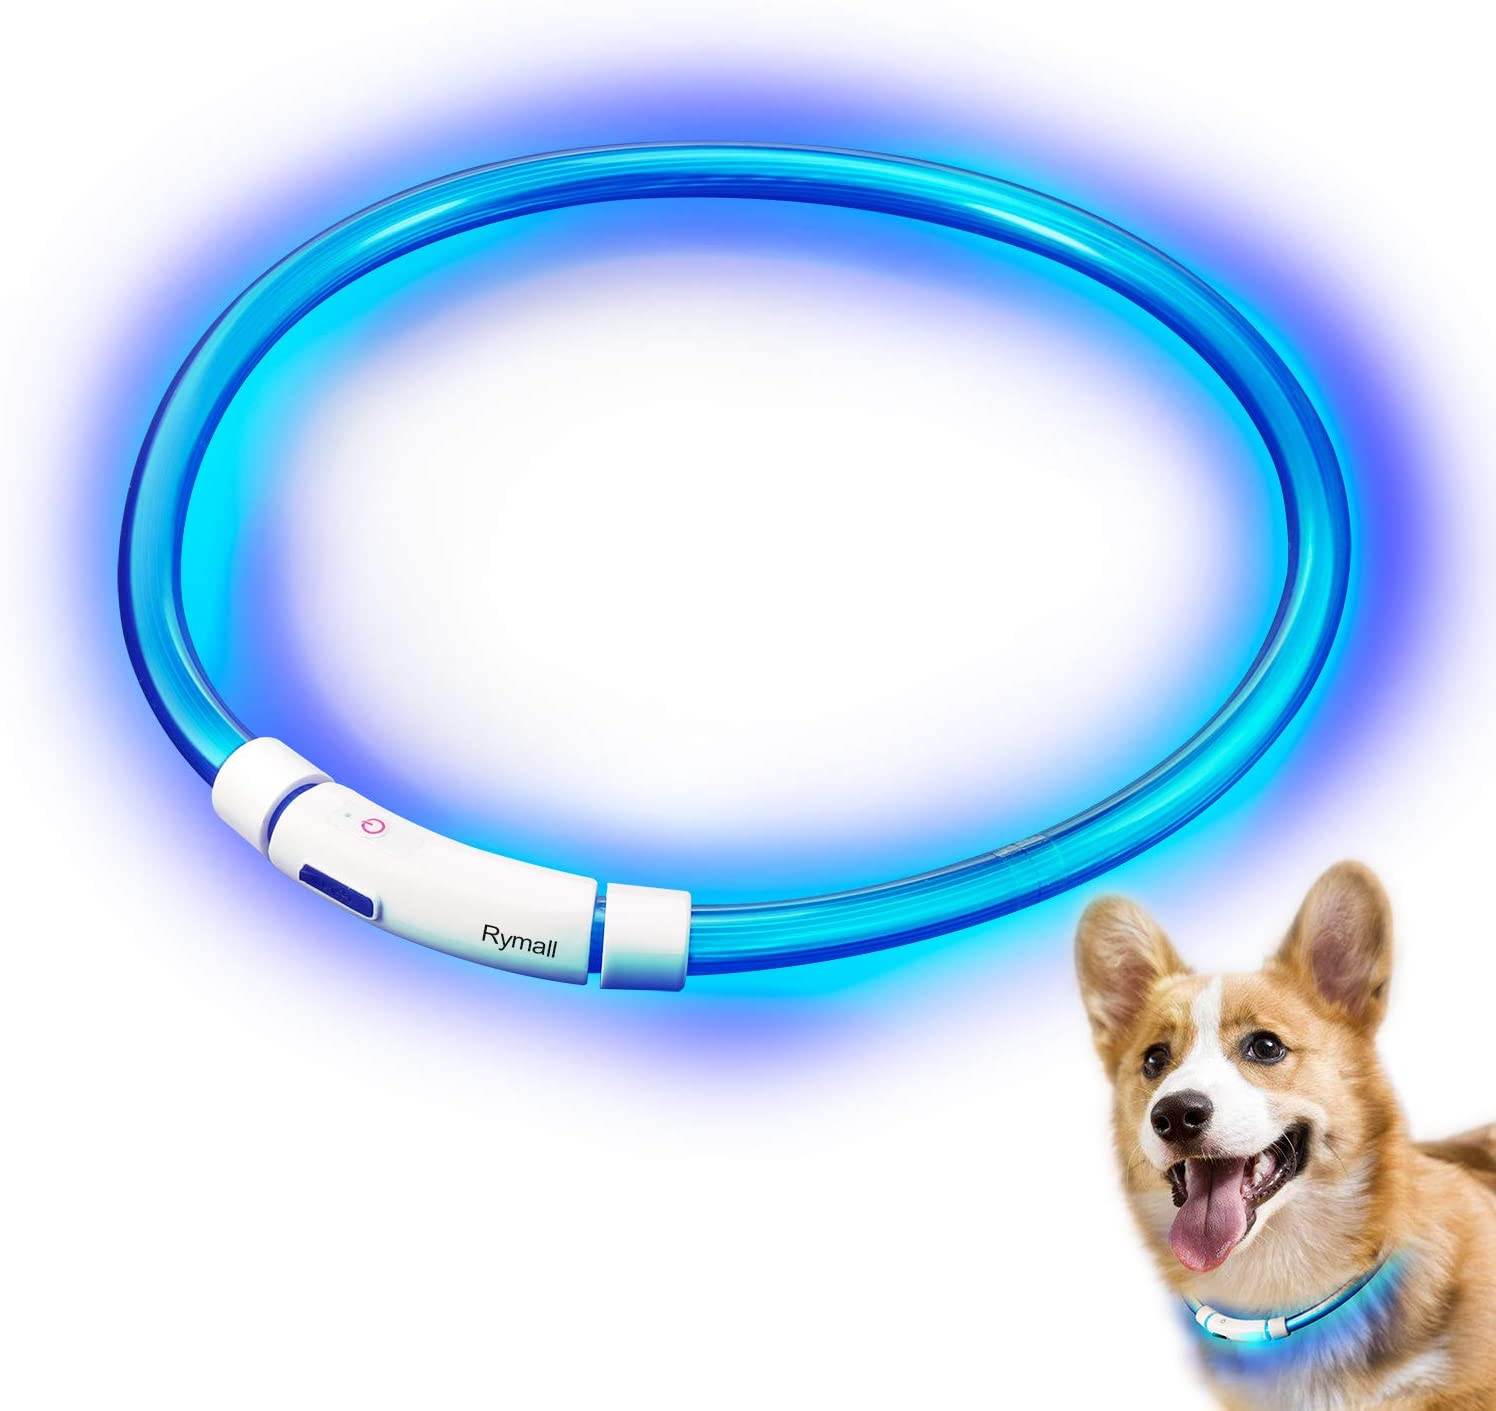 Collar para Perros, Collar de Seguridad para Perros, Rymall collar adiestramiento USB ajustable recargable impermeable LED parpadea luz Collar del animal doméstico, azul